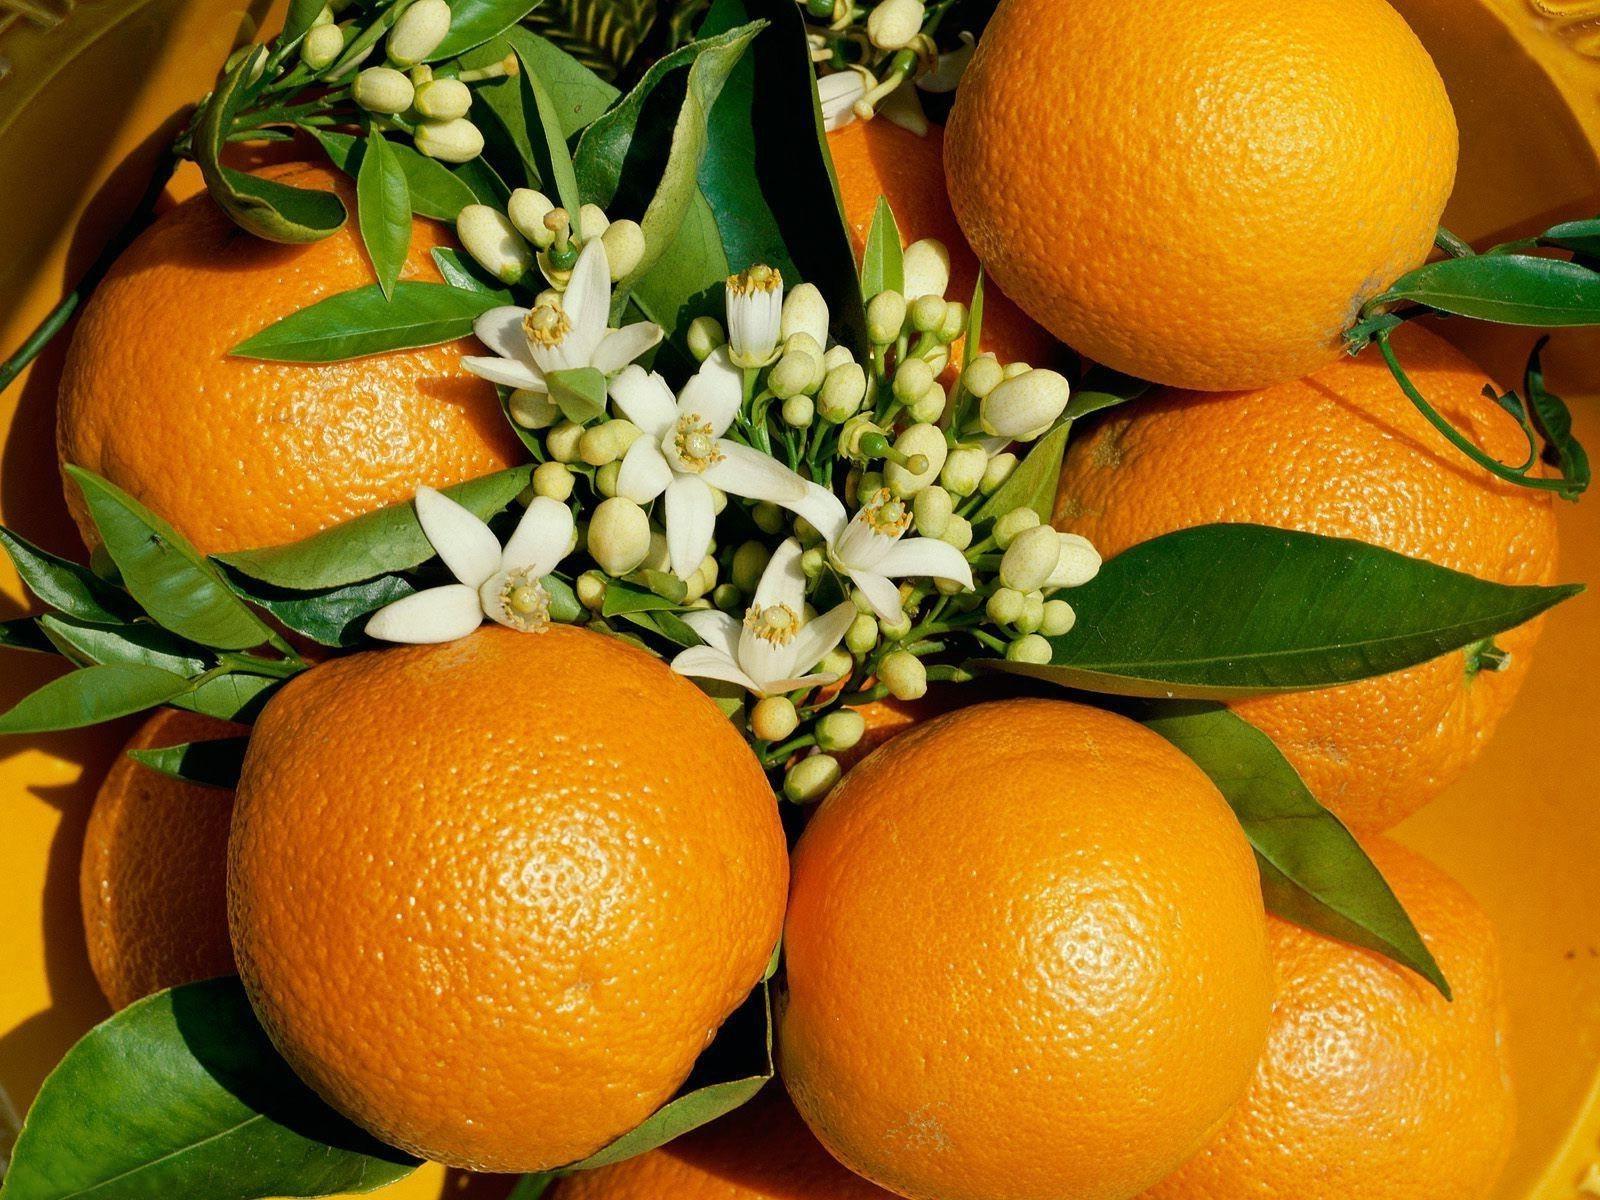 красивые картинки на рабочий стол апельсин нас женятся трэшом